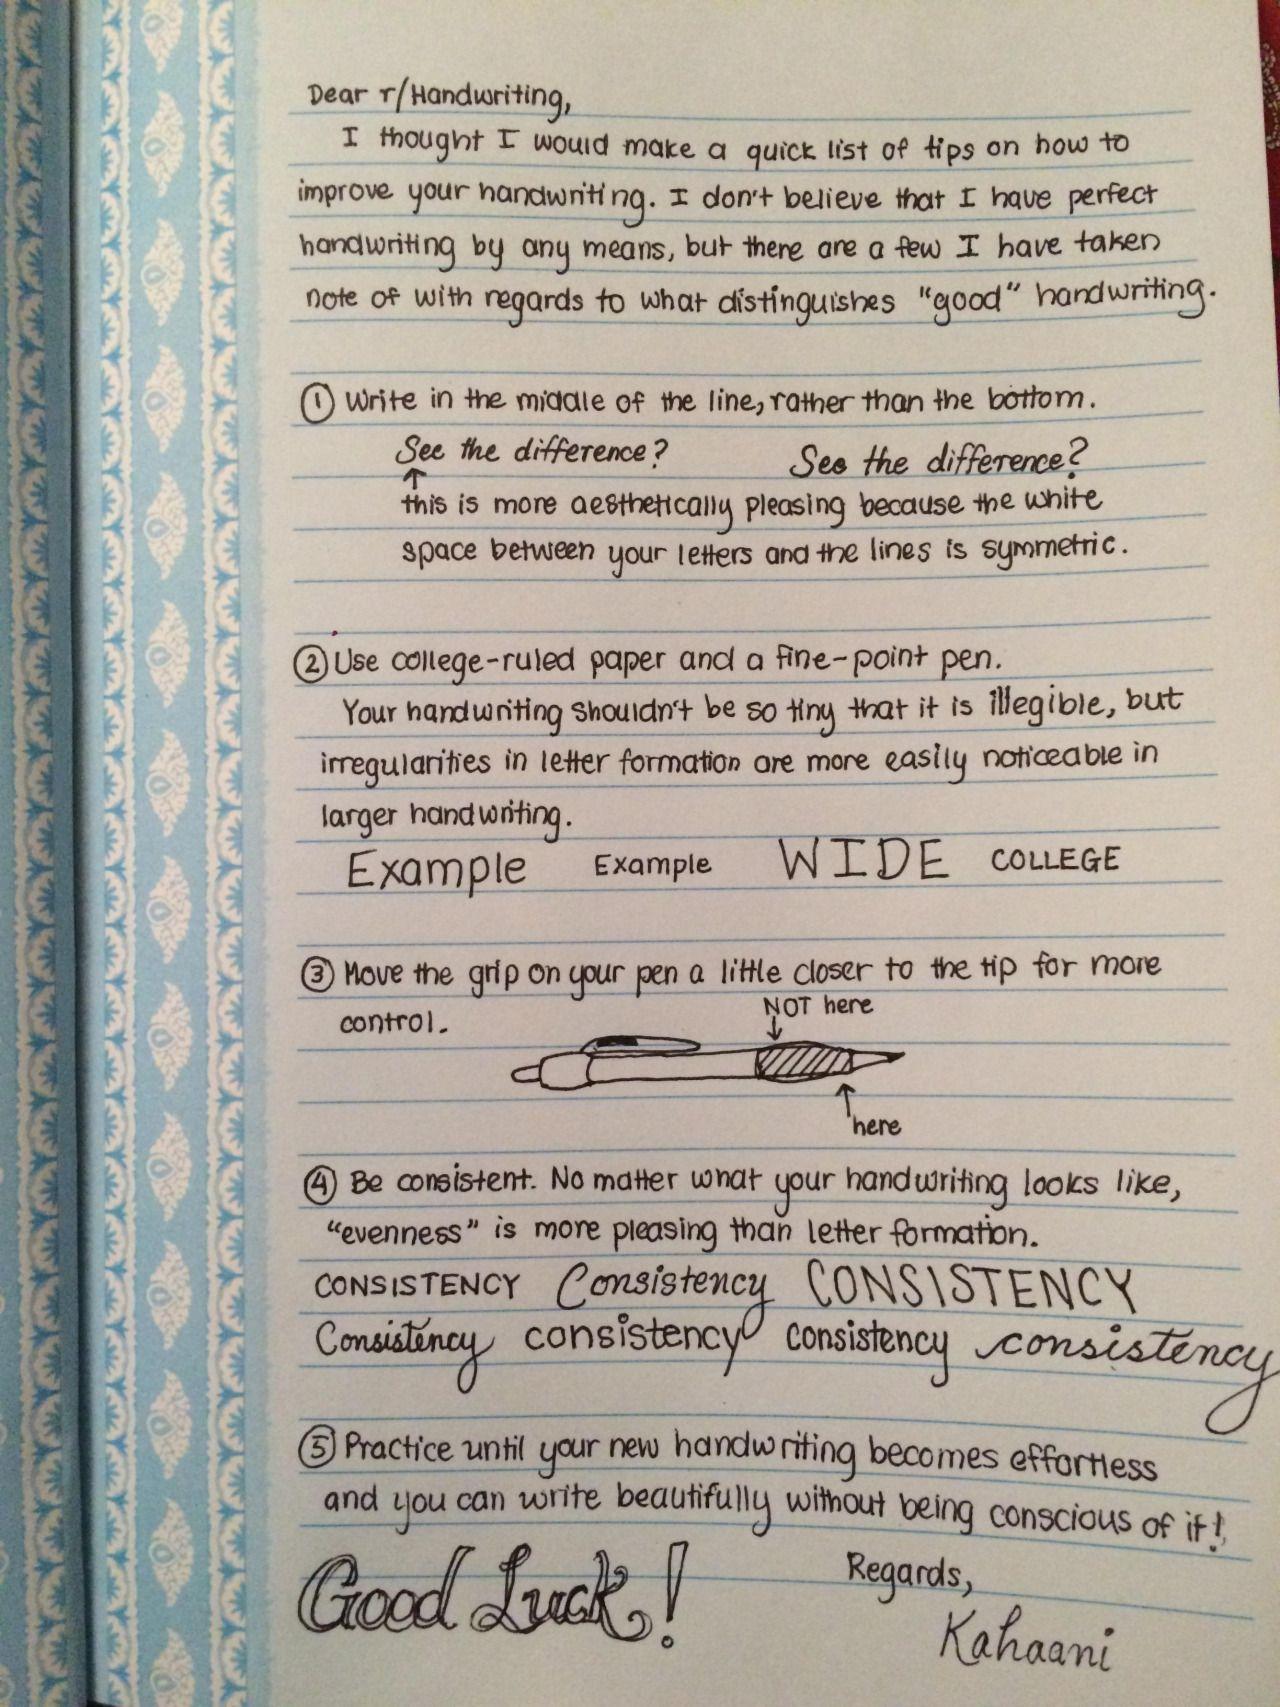 staedtlers and stabilos u201c Handwriting Tips from Reddit u201d